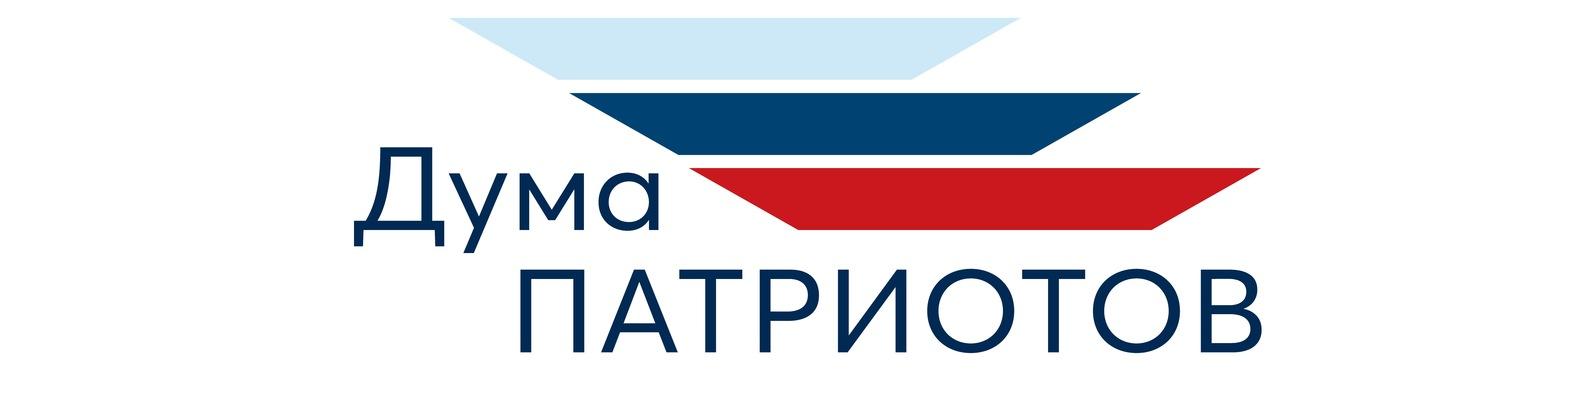 История Думы Патриотов